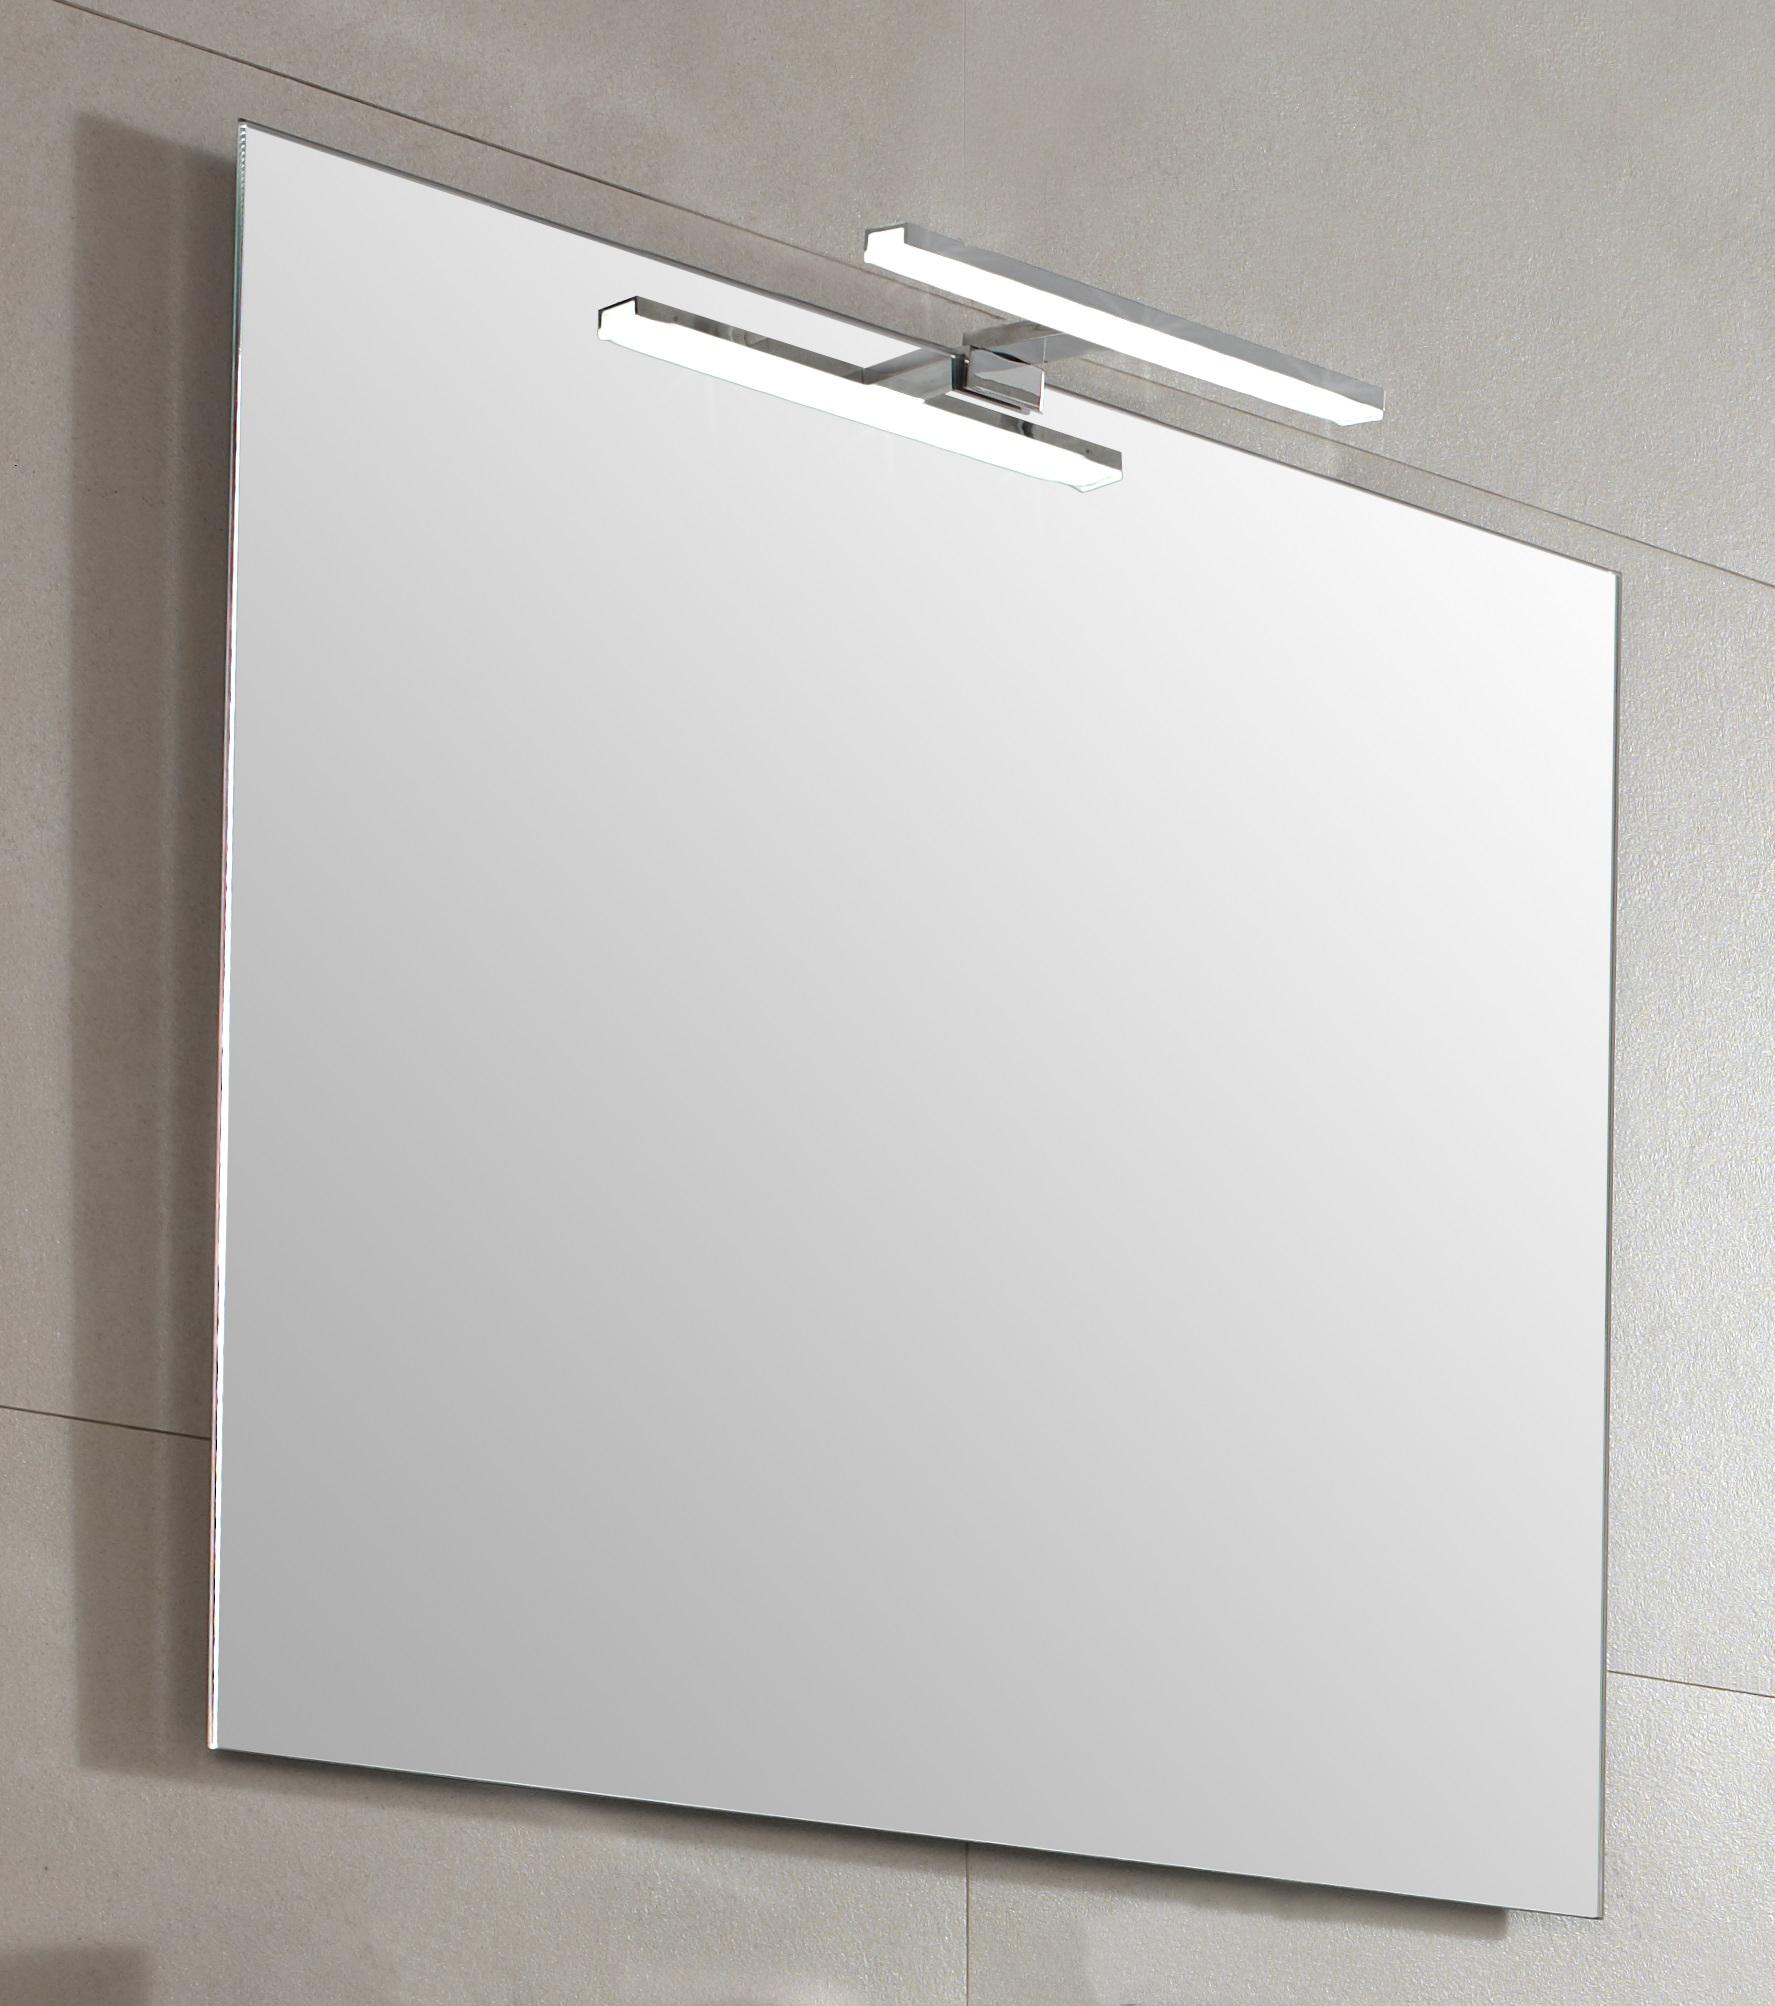 Thielsch Badmöbel Bristol Spiegel 60 x 70cm